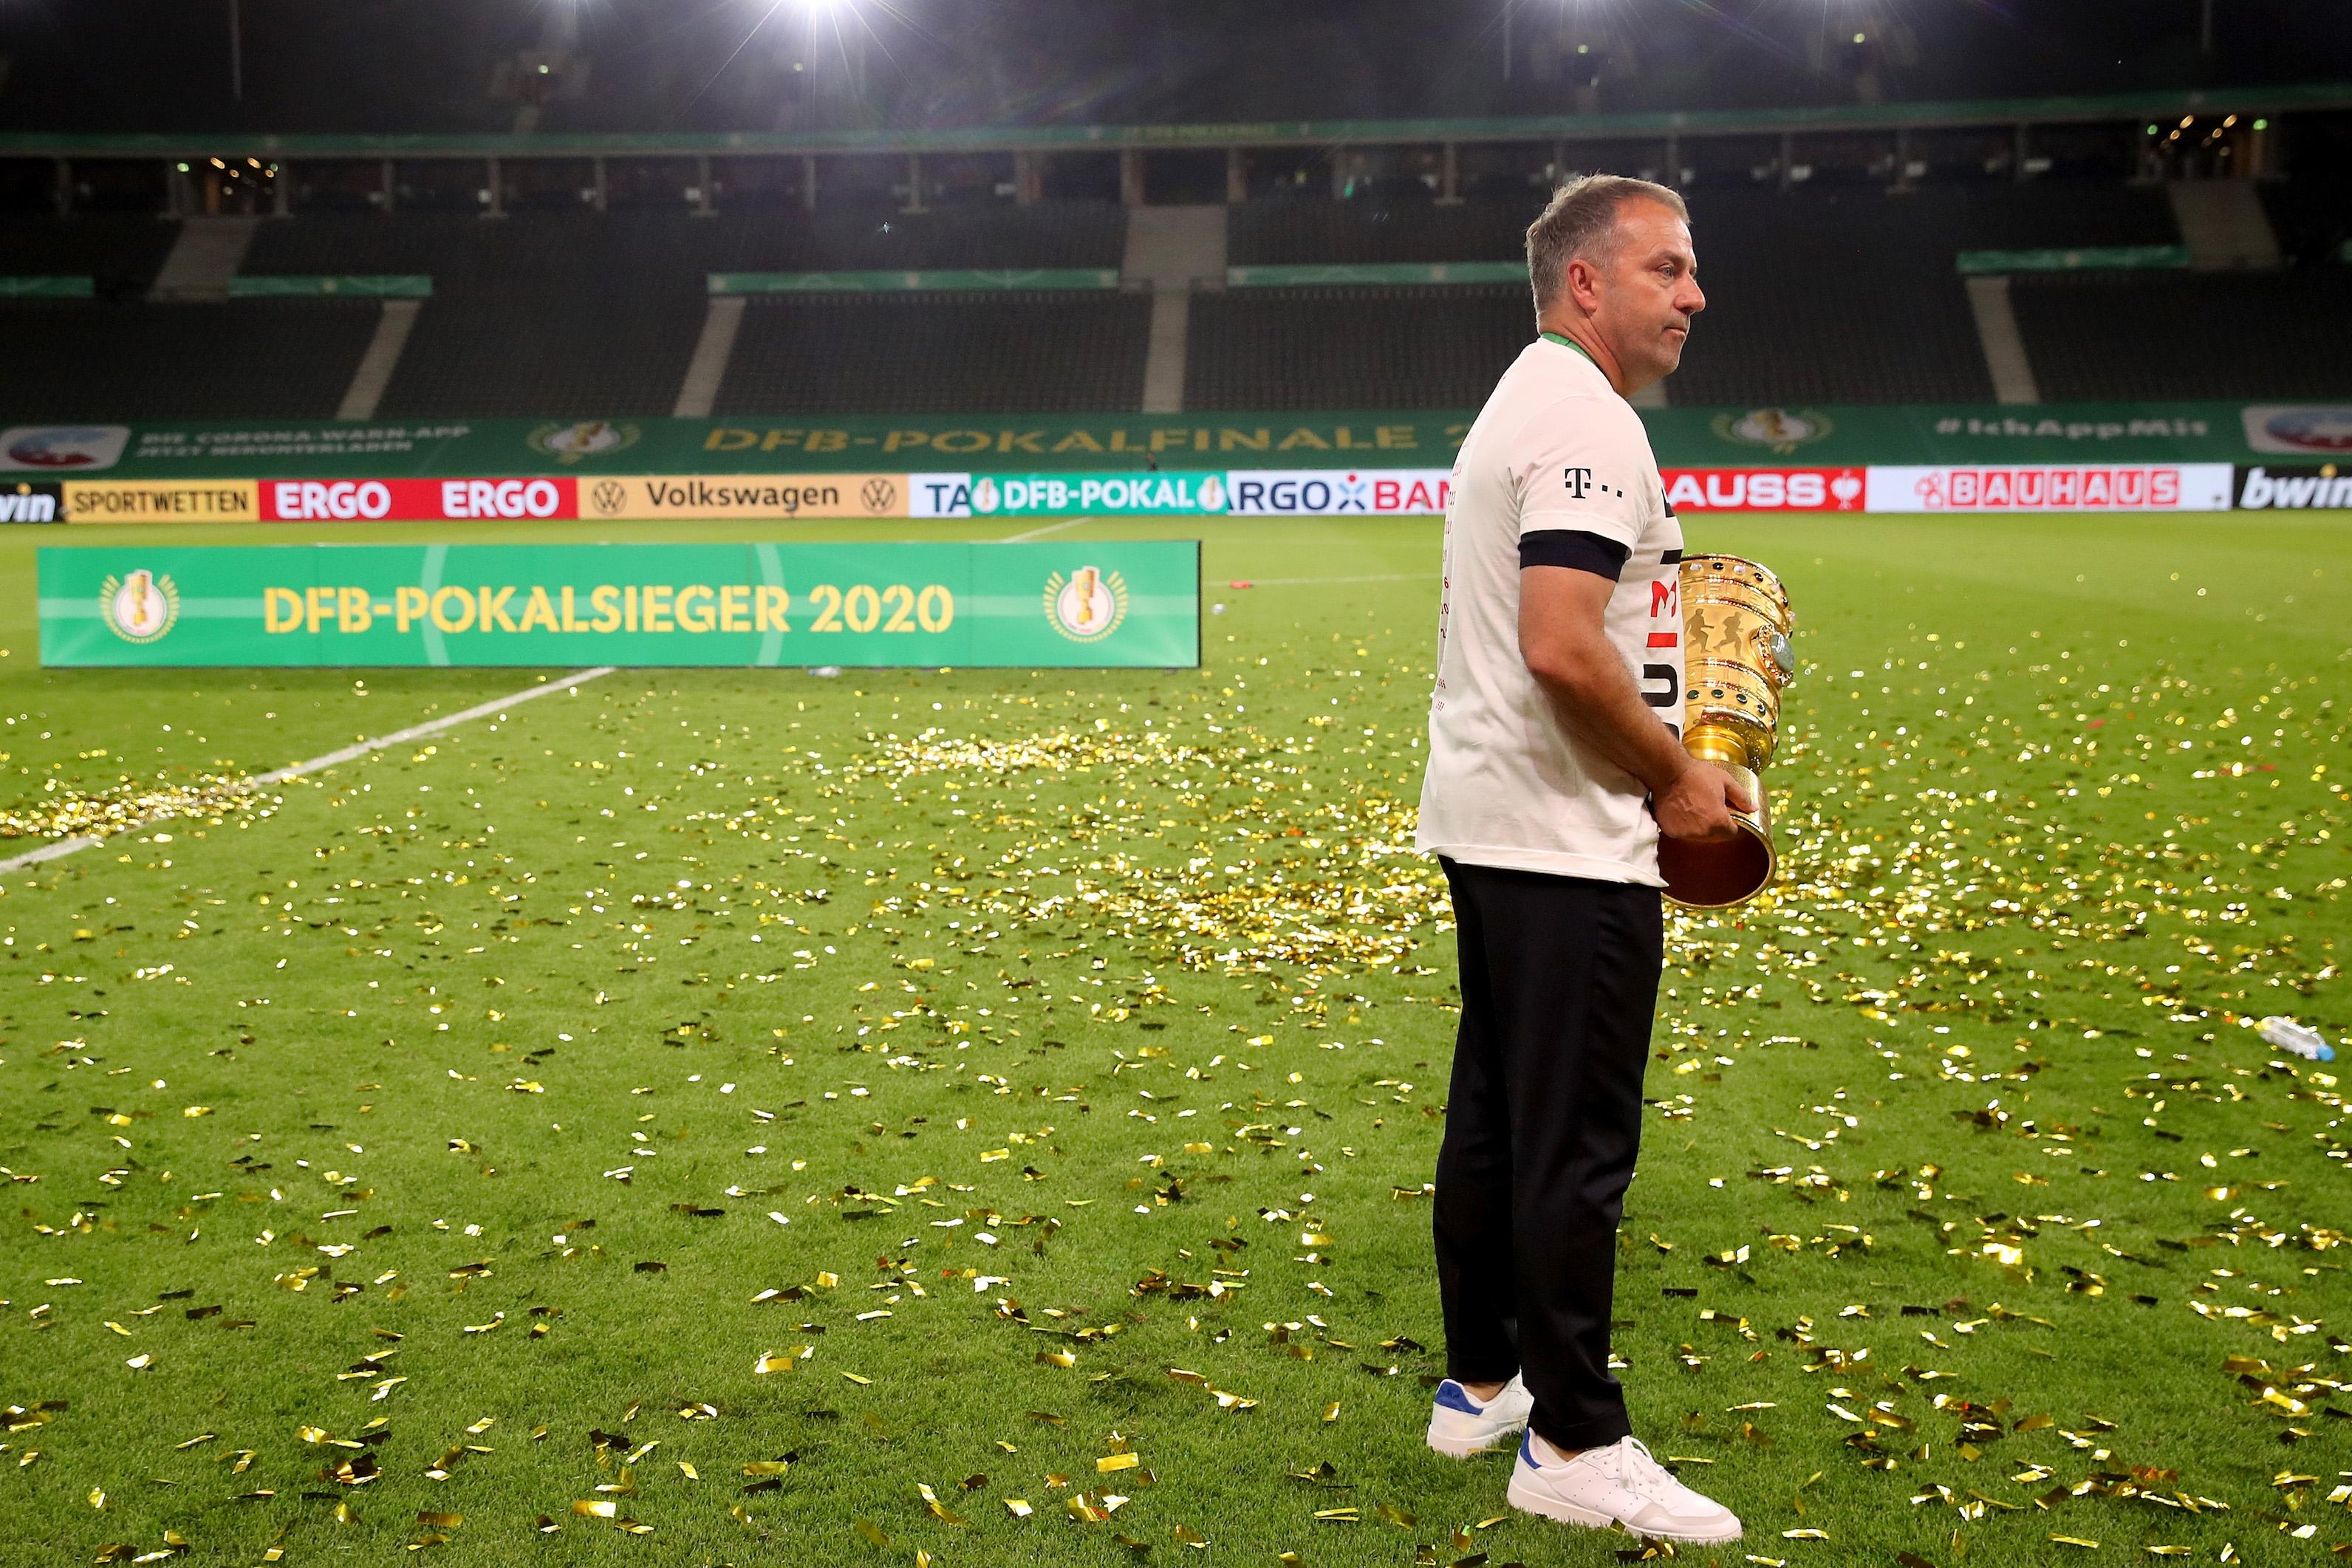 Германската футболна лига работи съвместно със здравното министерство, за да